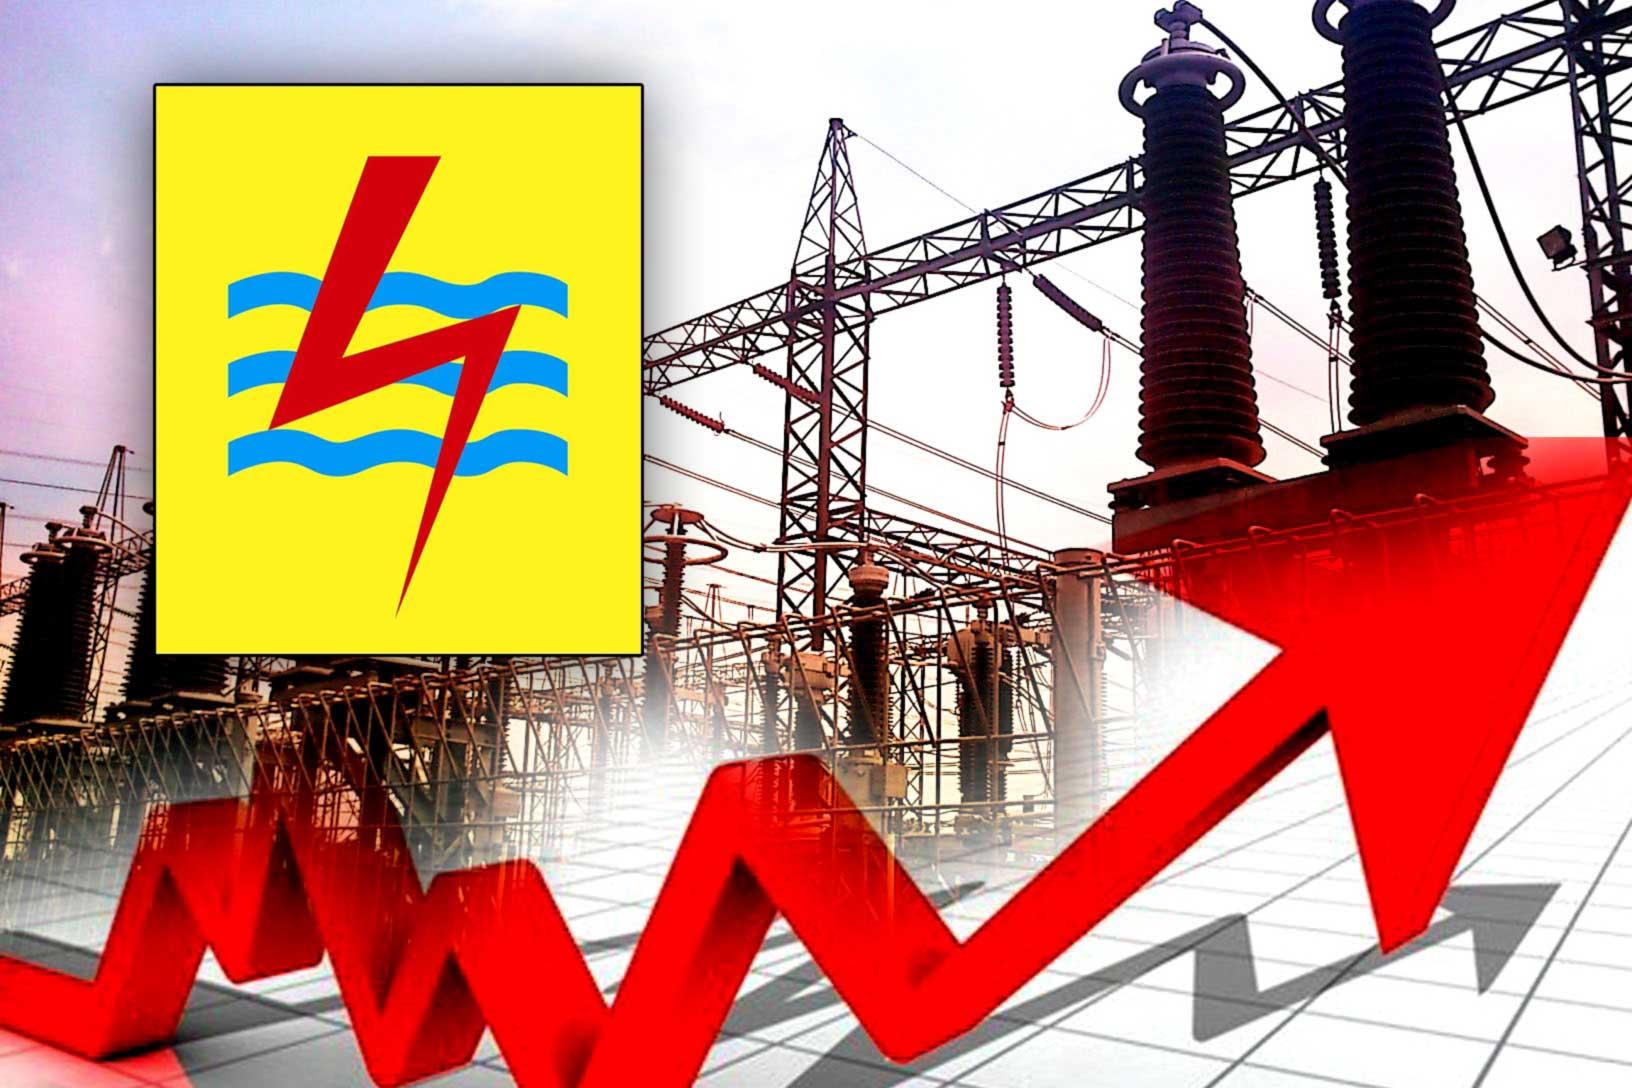 Kenaikan tarif listrik sebesar 38 persen  untuk golongan rumah tangga mampu dengan daya 900 VA | Foto : Sumutmedia